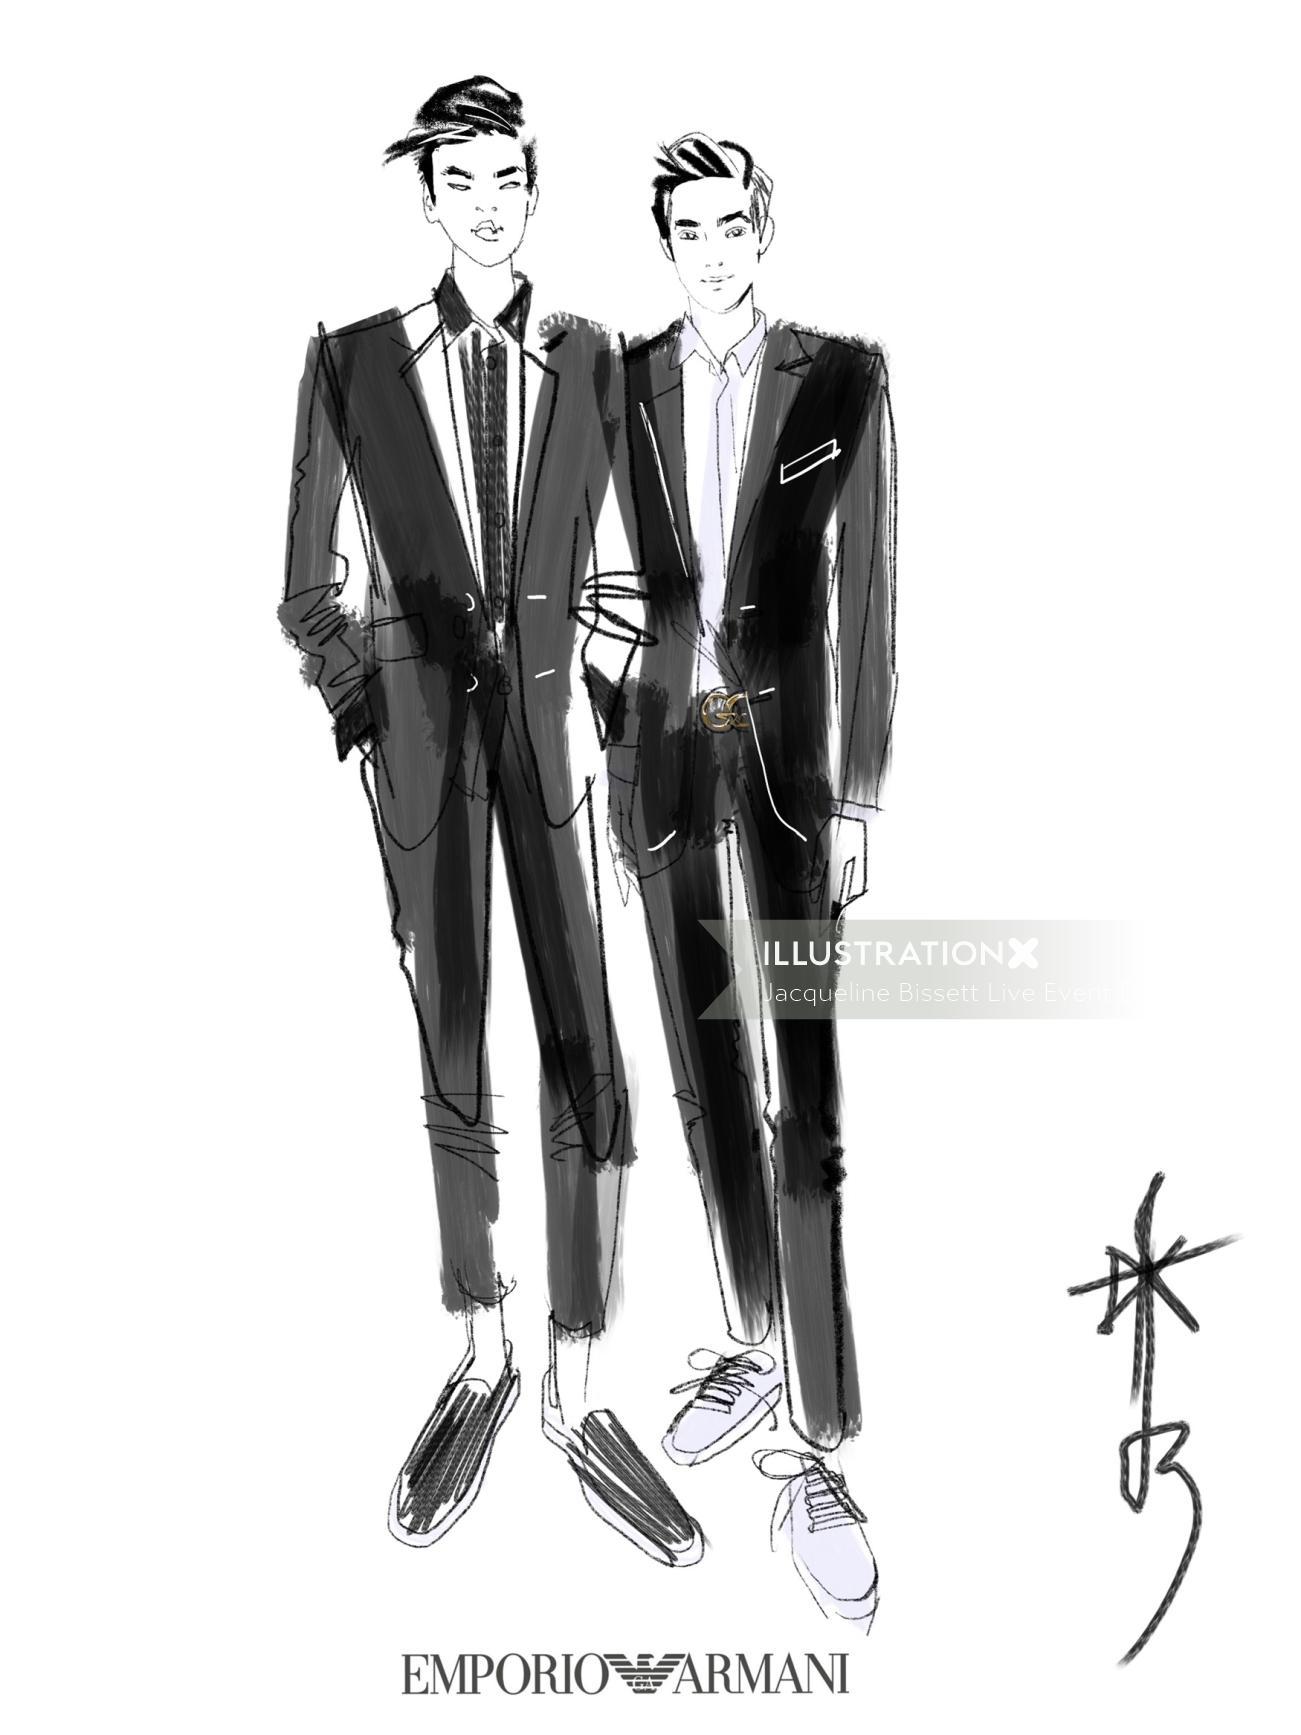 Emporio Armani men in suit drawing